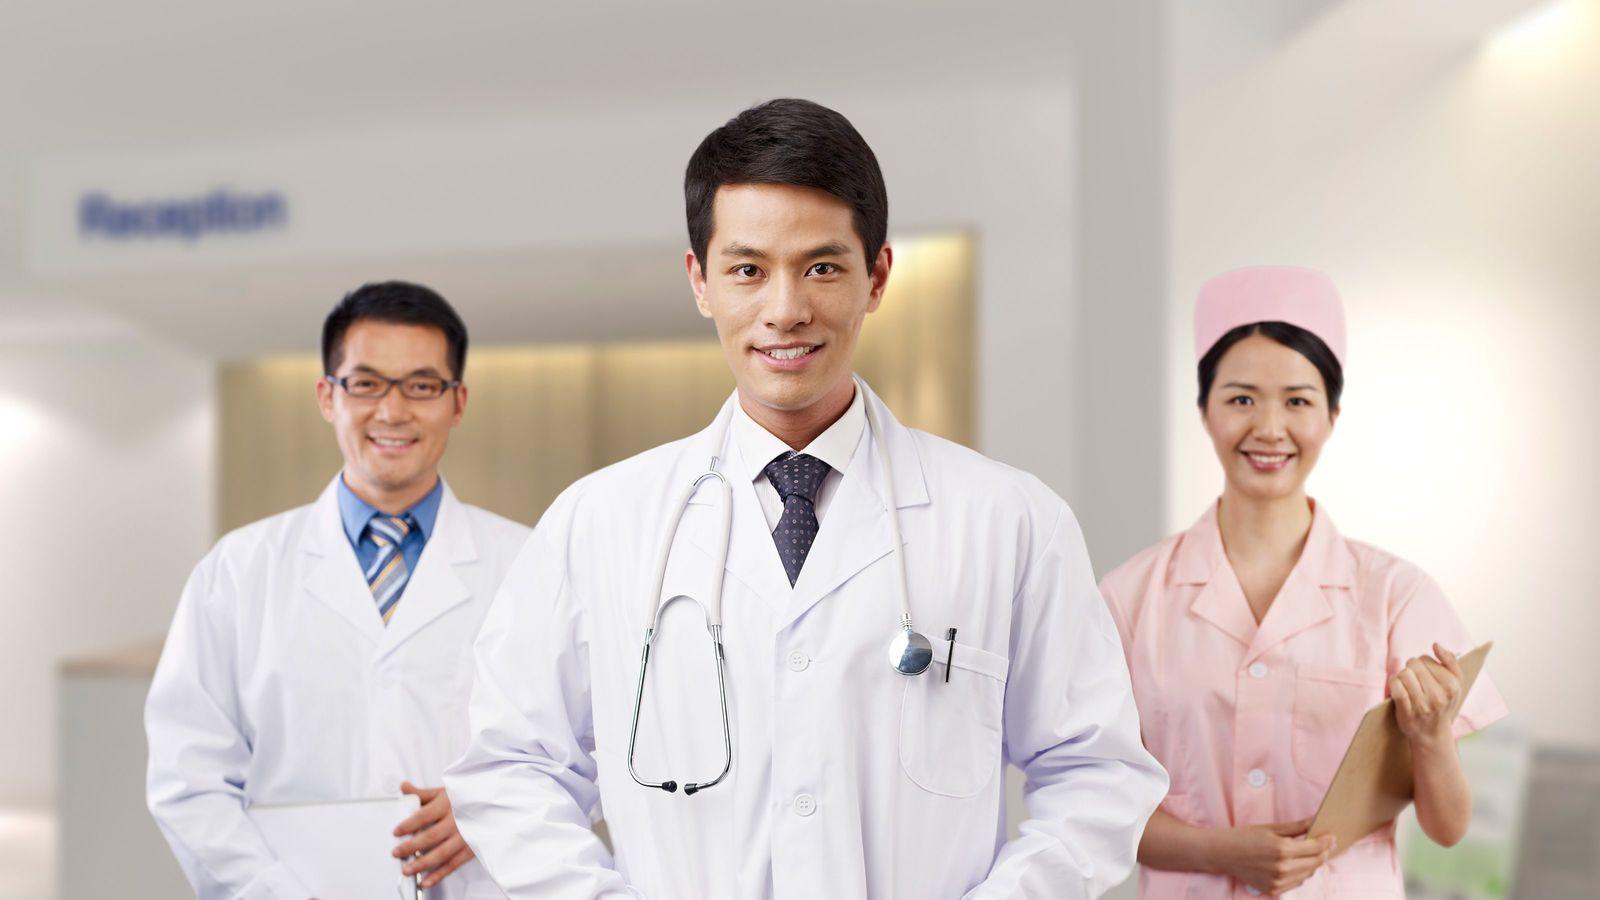 超お買い得「6年間350万」で医学部にいく方法 私立医大なら「6年間4000万円」も…